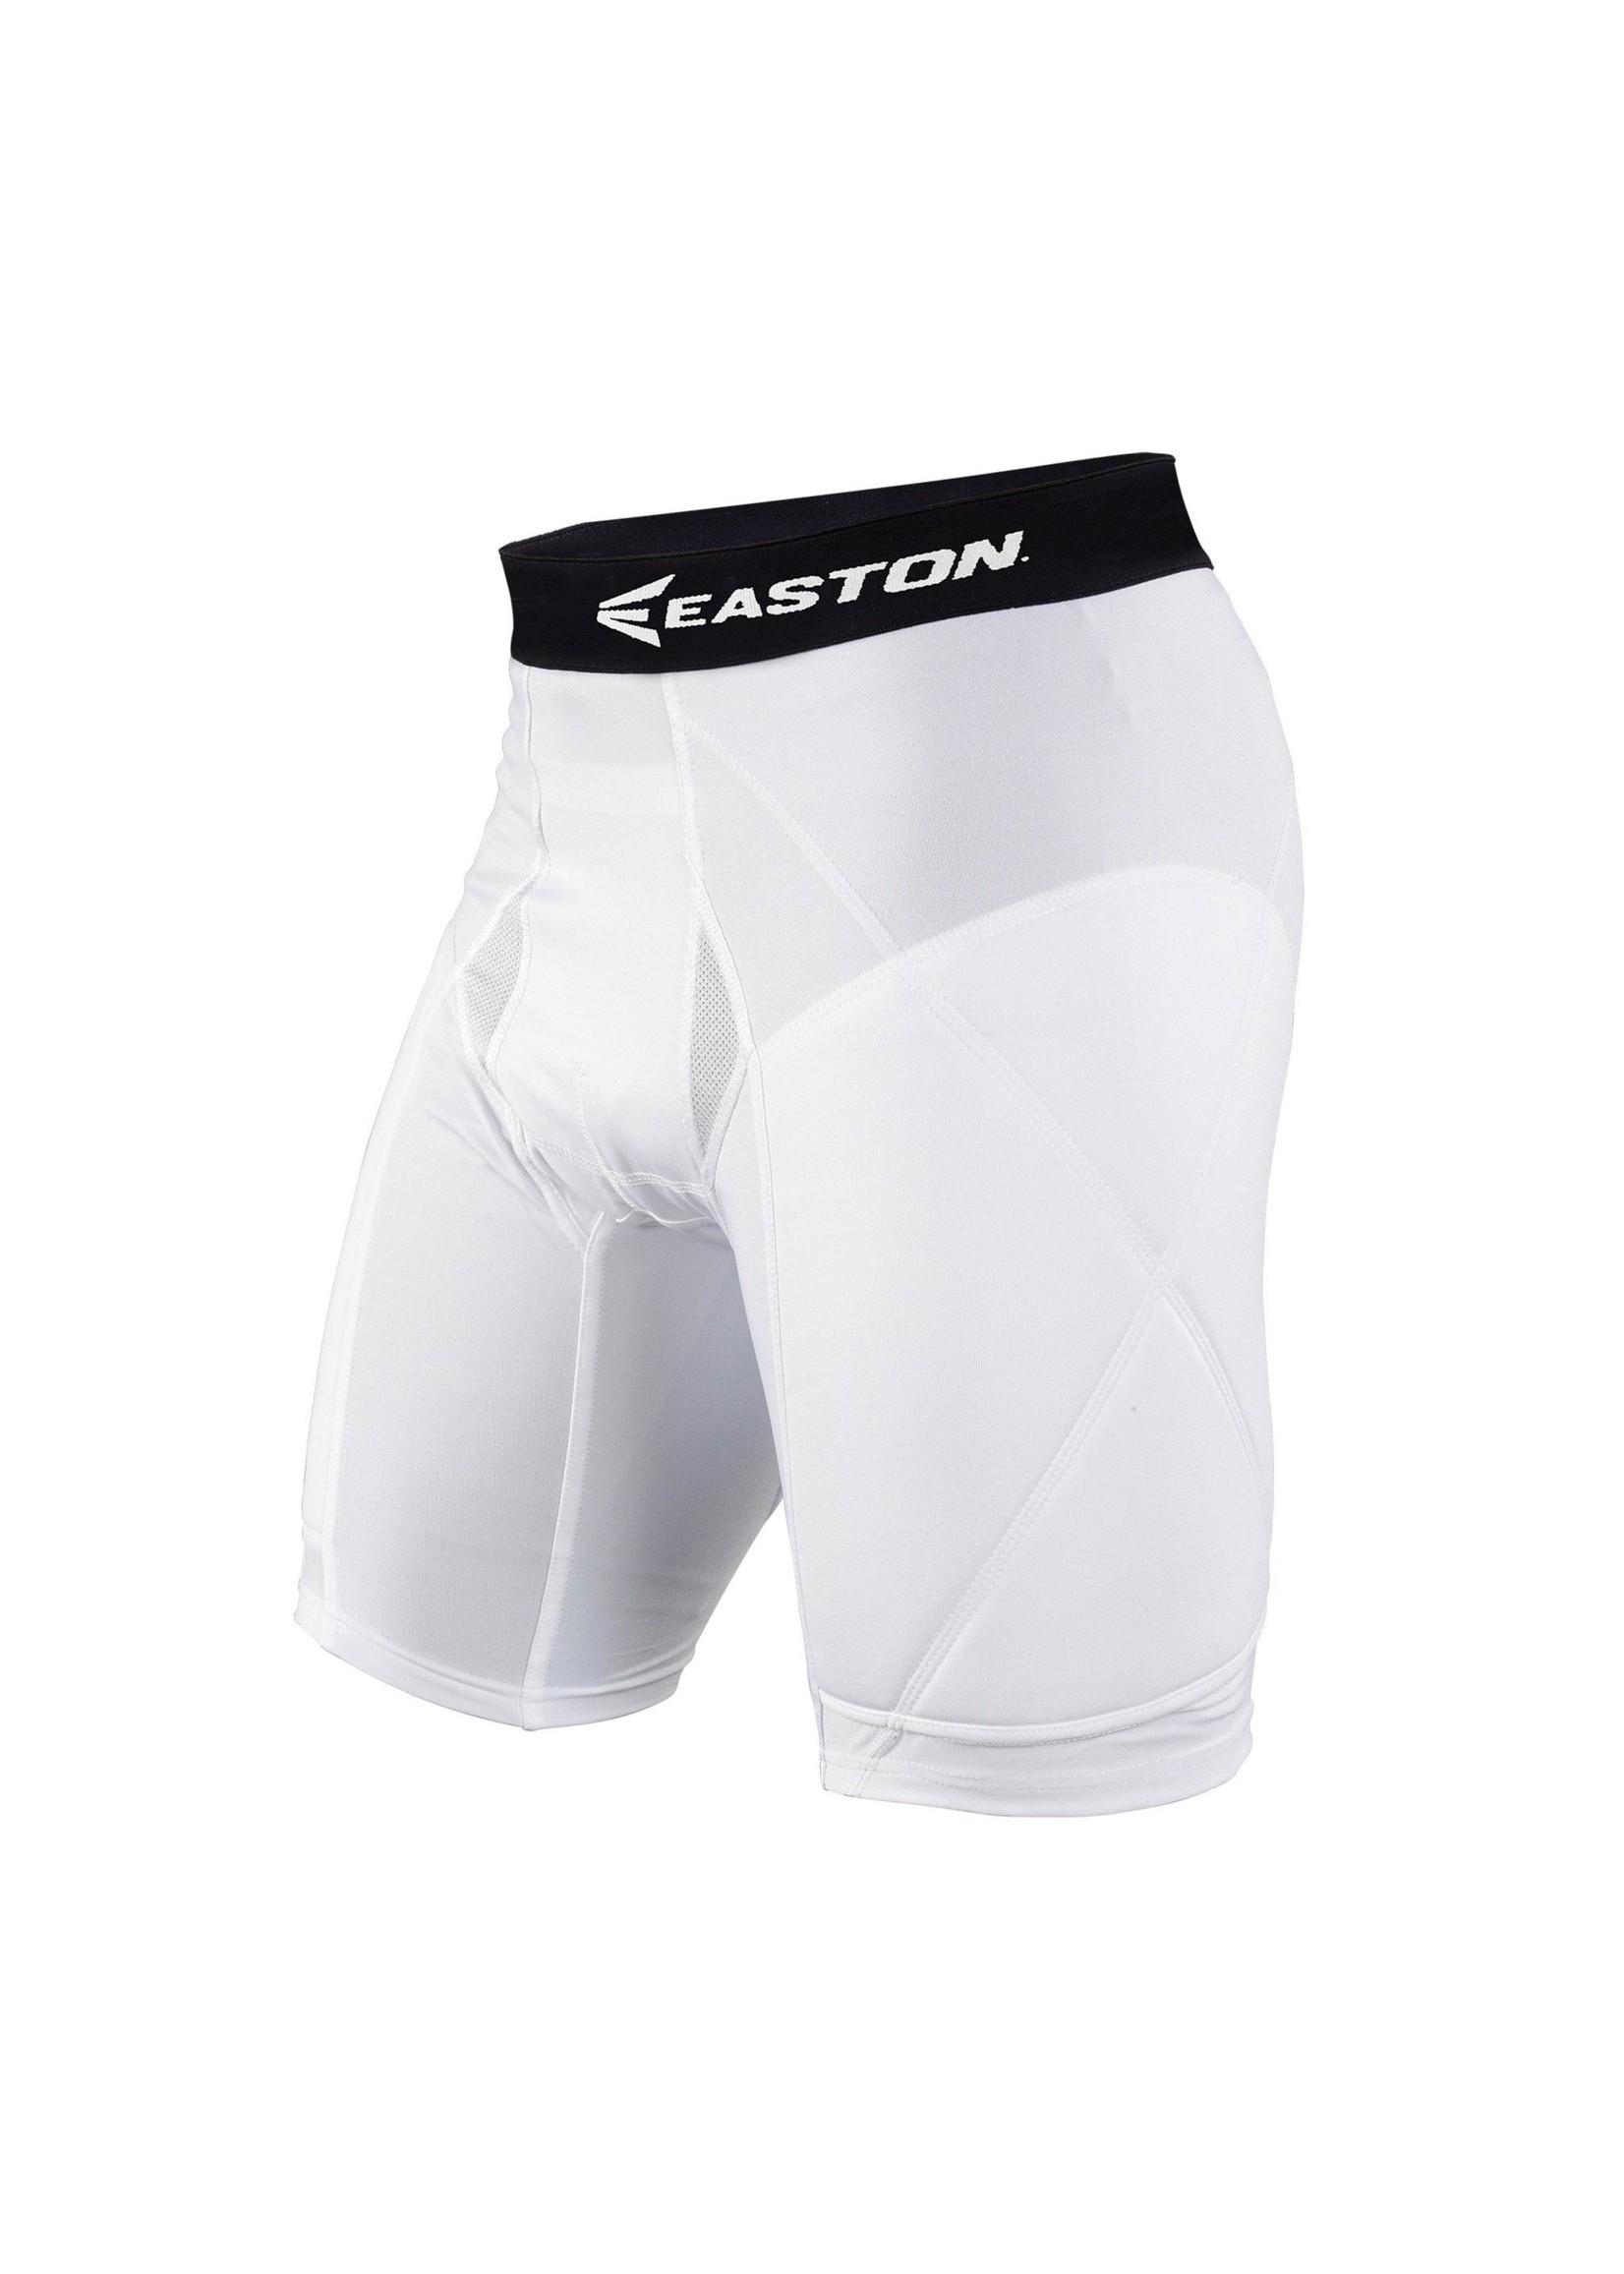 Easton Baseball (Canada) EASTON CULOTTE DE PROTECTIONM SPORTIVE ENFANT